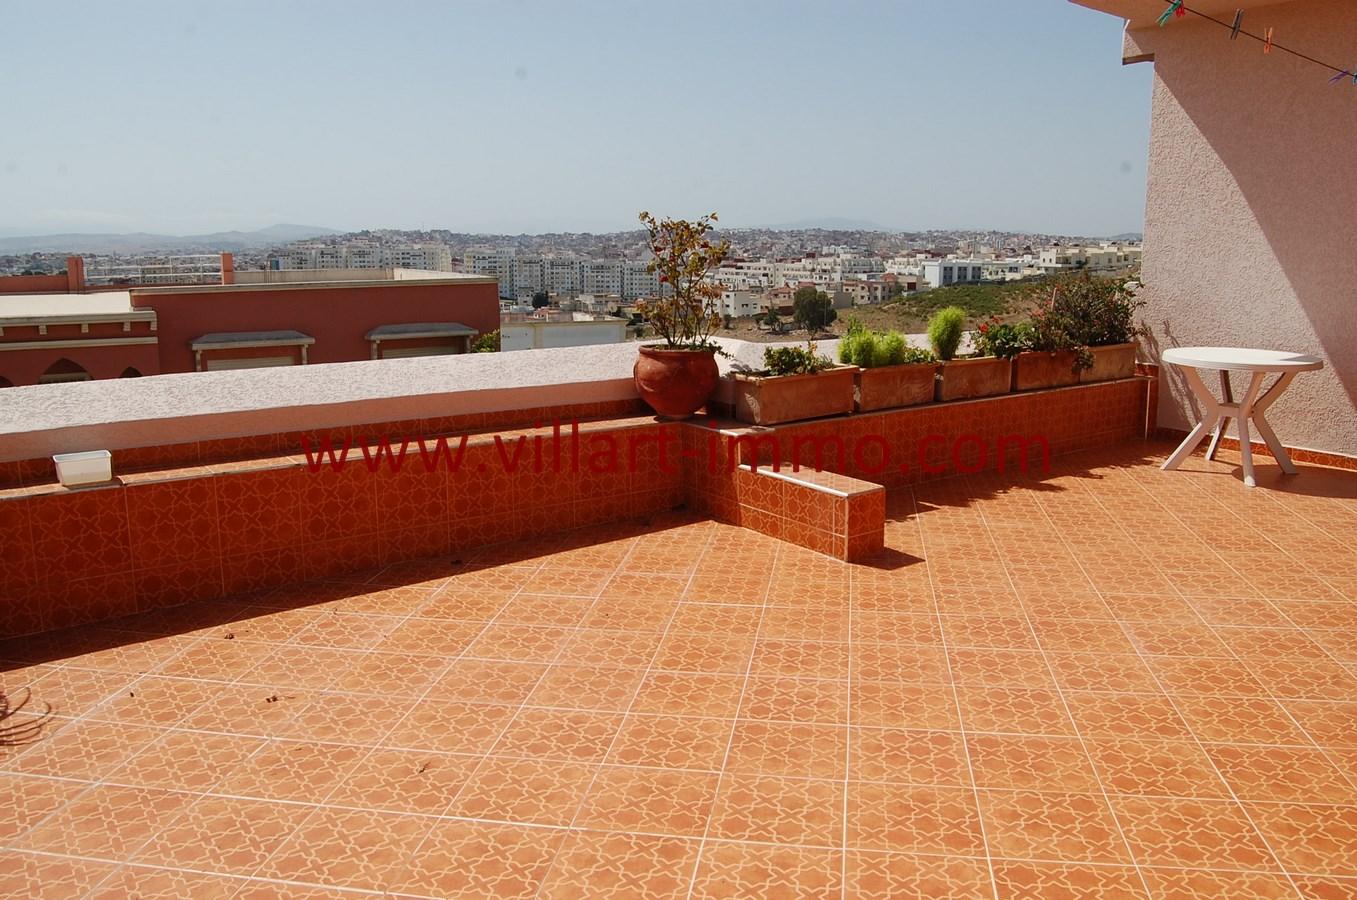 12-Vente-Villa-Tanger-Mojahidin-Terrasse 2-VV503-Villart Immo